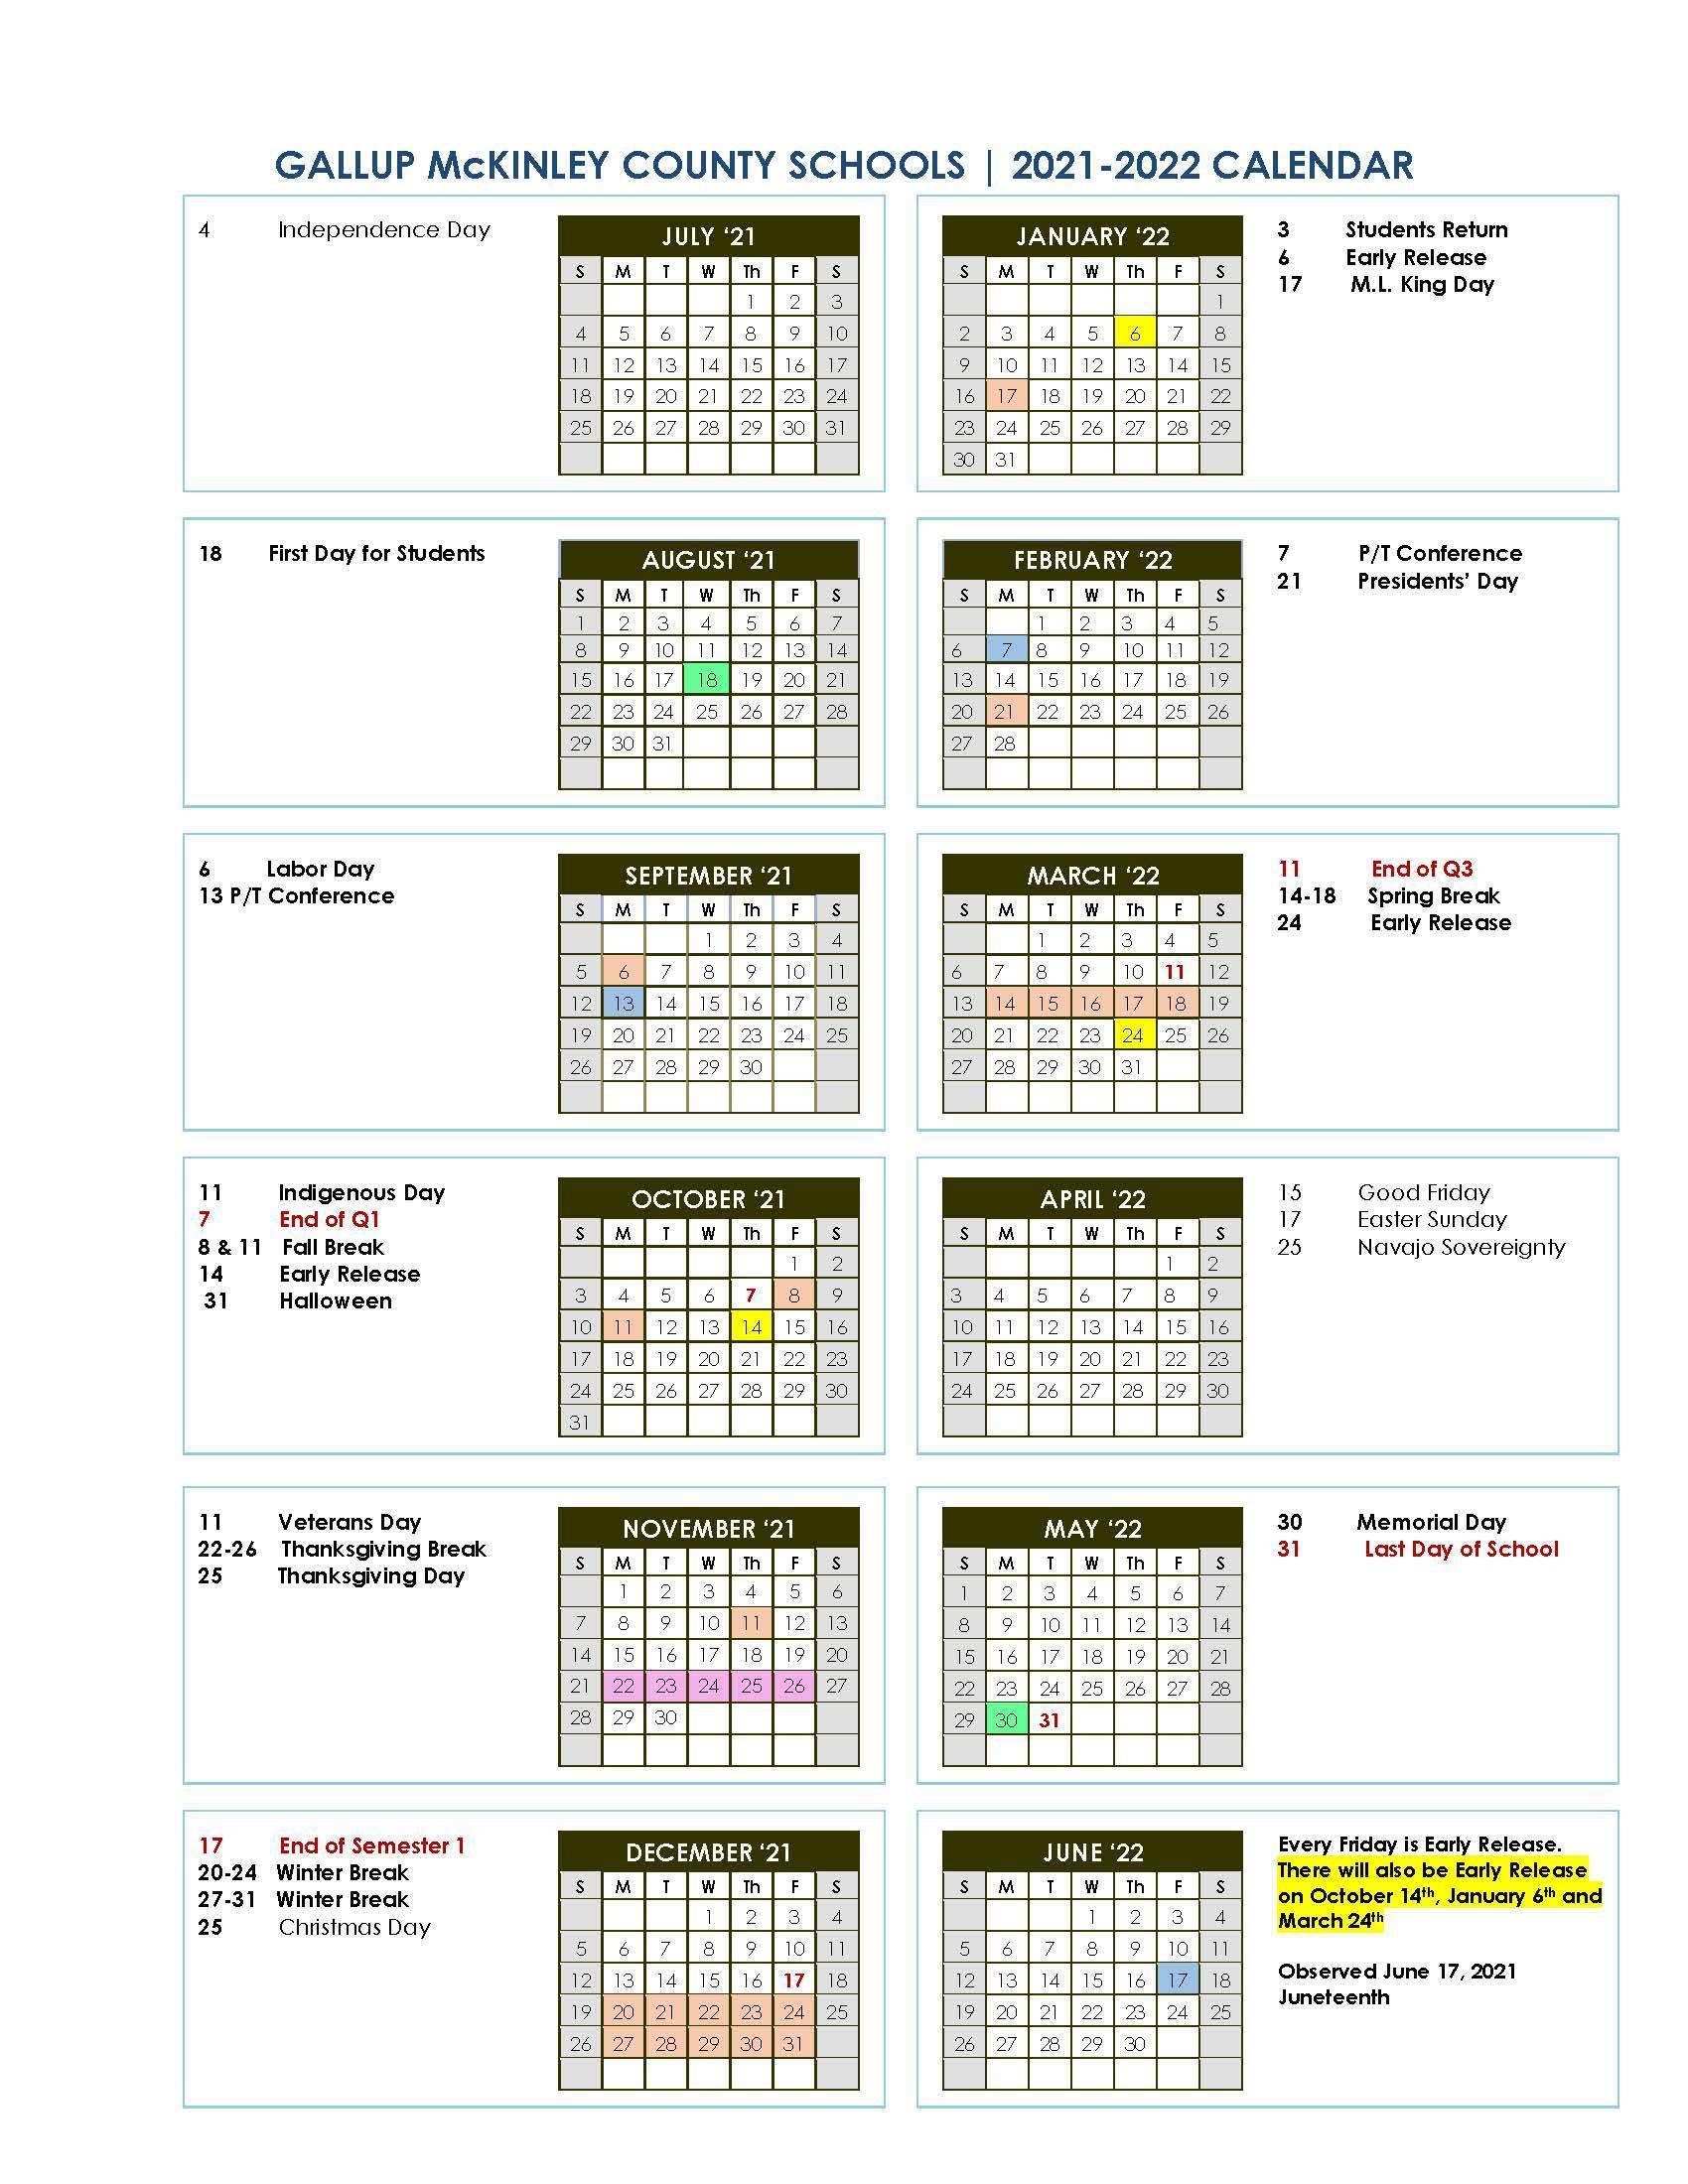 2021/22 School Year Calendar